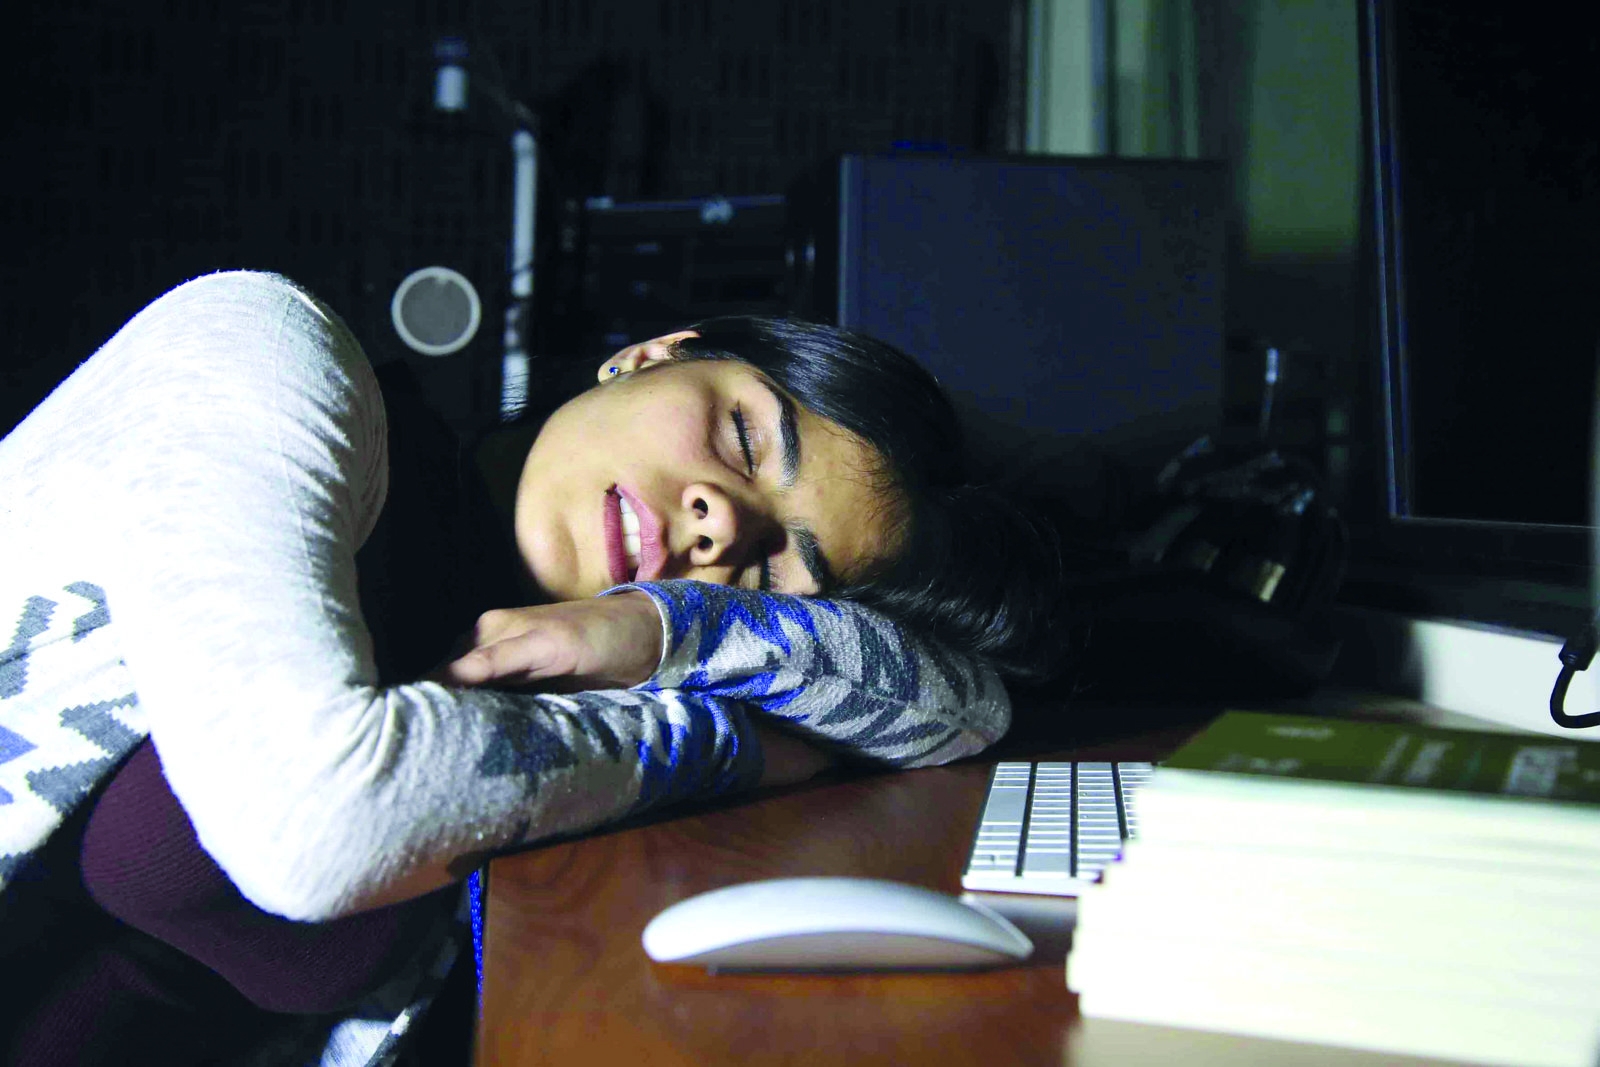 Niños y jovencitos con dolores de cabeza